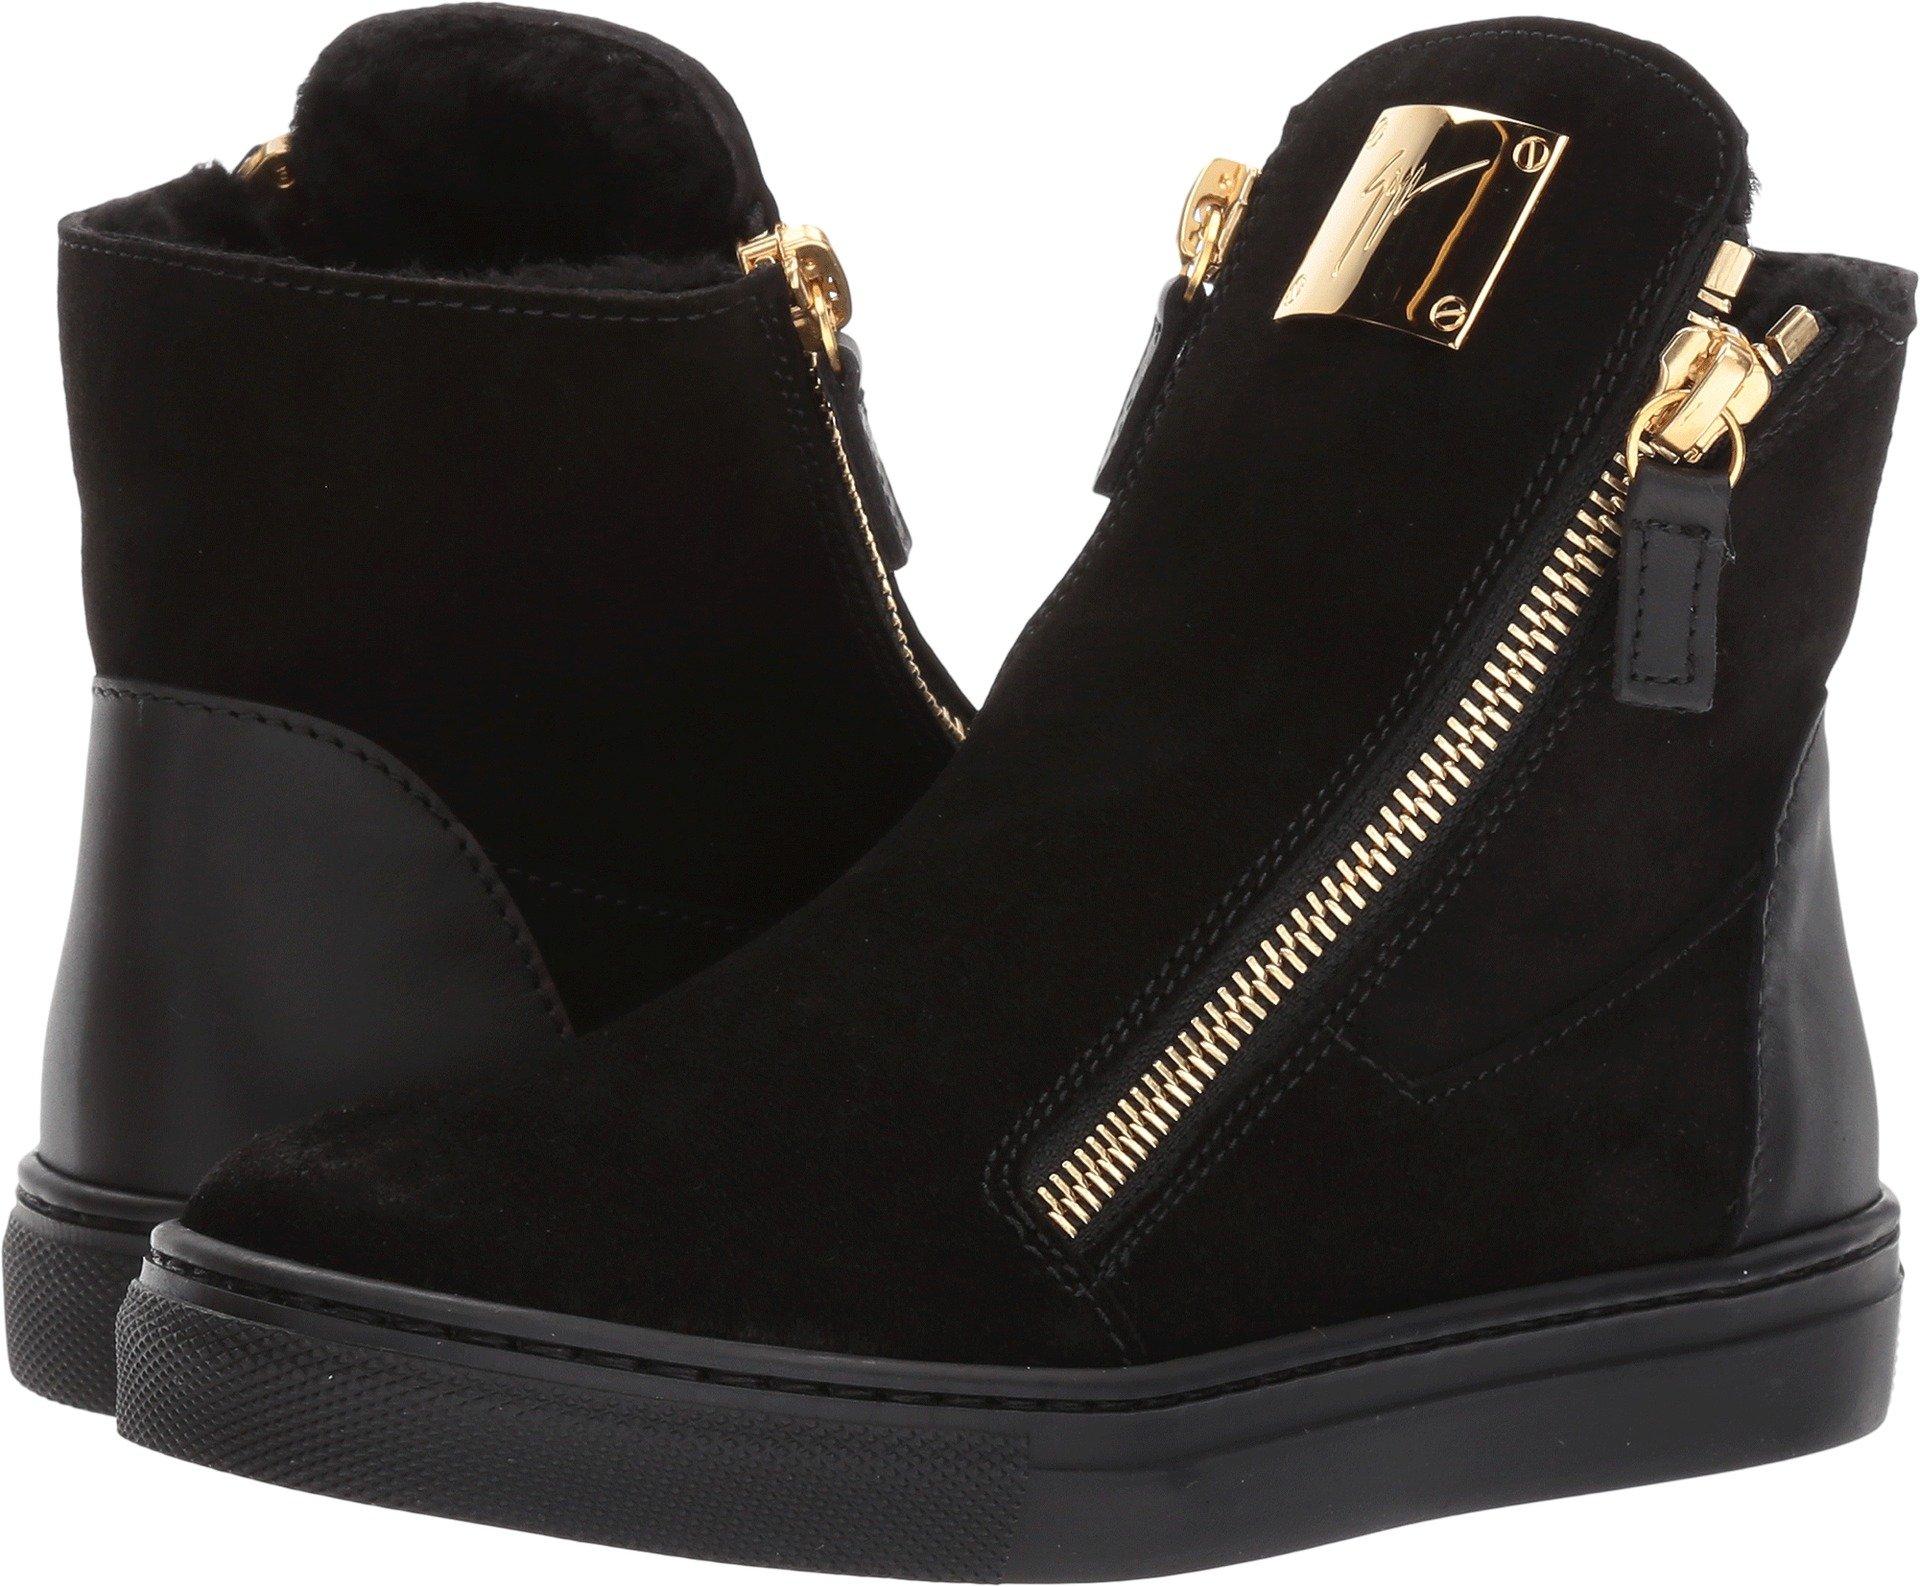 Giuseppe Zanotti Kids Unisex Larry Jr. Velour Sneaker (Toddler/Little Kid) Black 33 M EU by Giuseppe Zanotti Kids